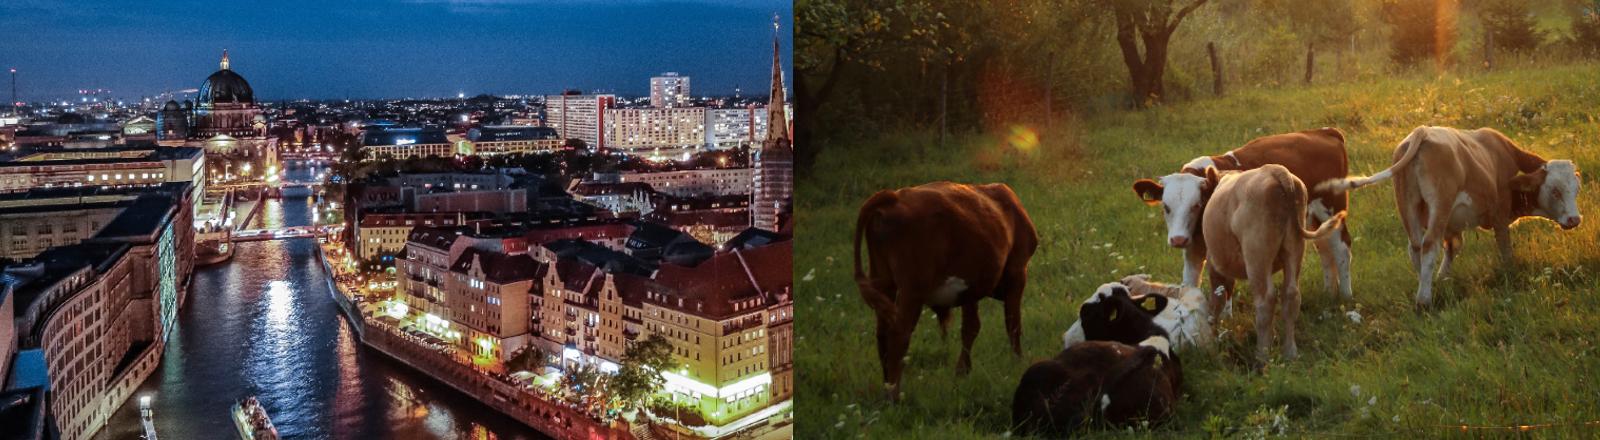 Links im Bild eine Stadt, rechts eine Kuhherde.